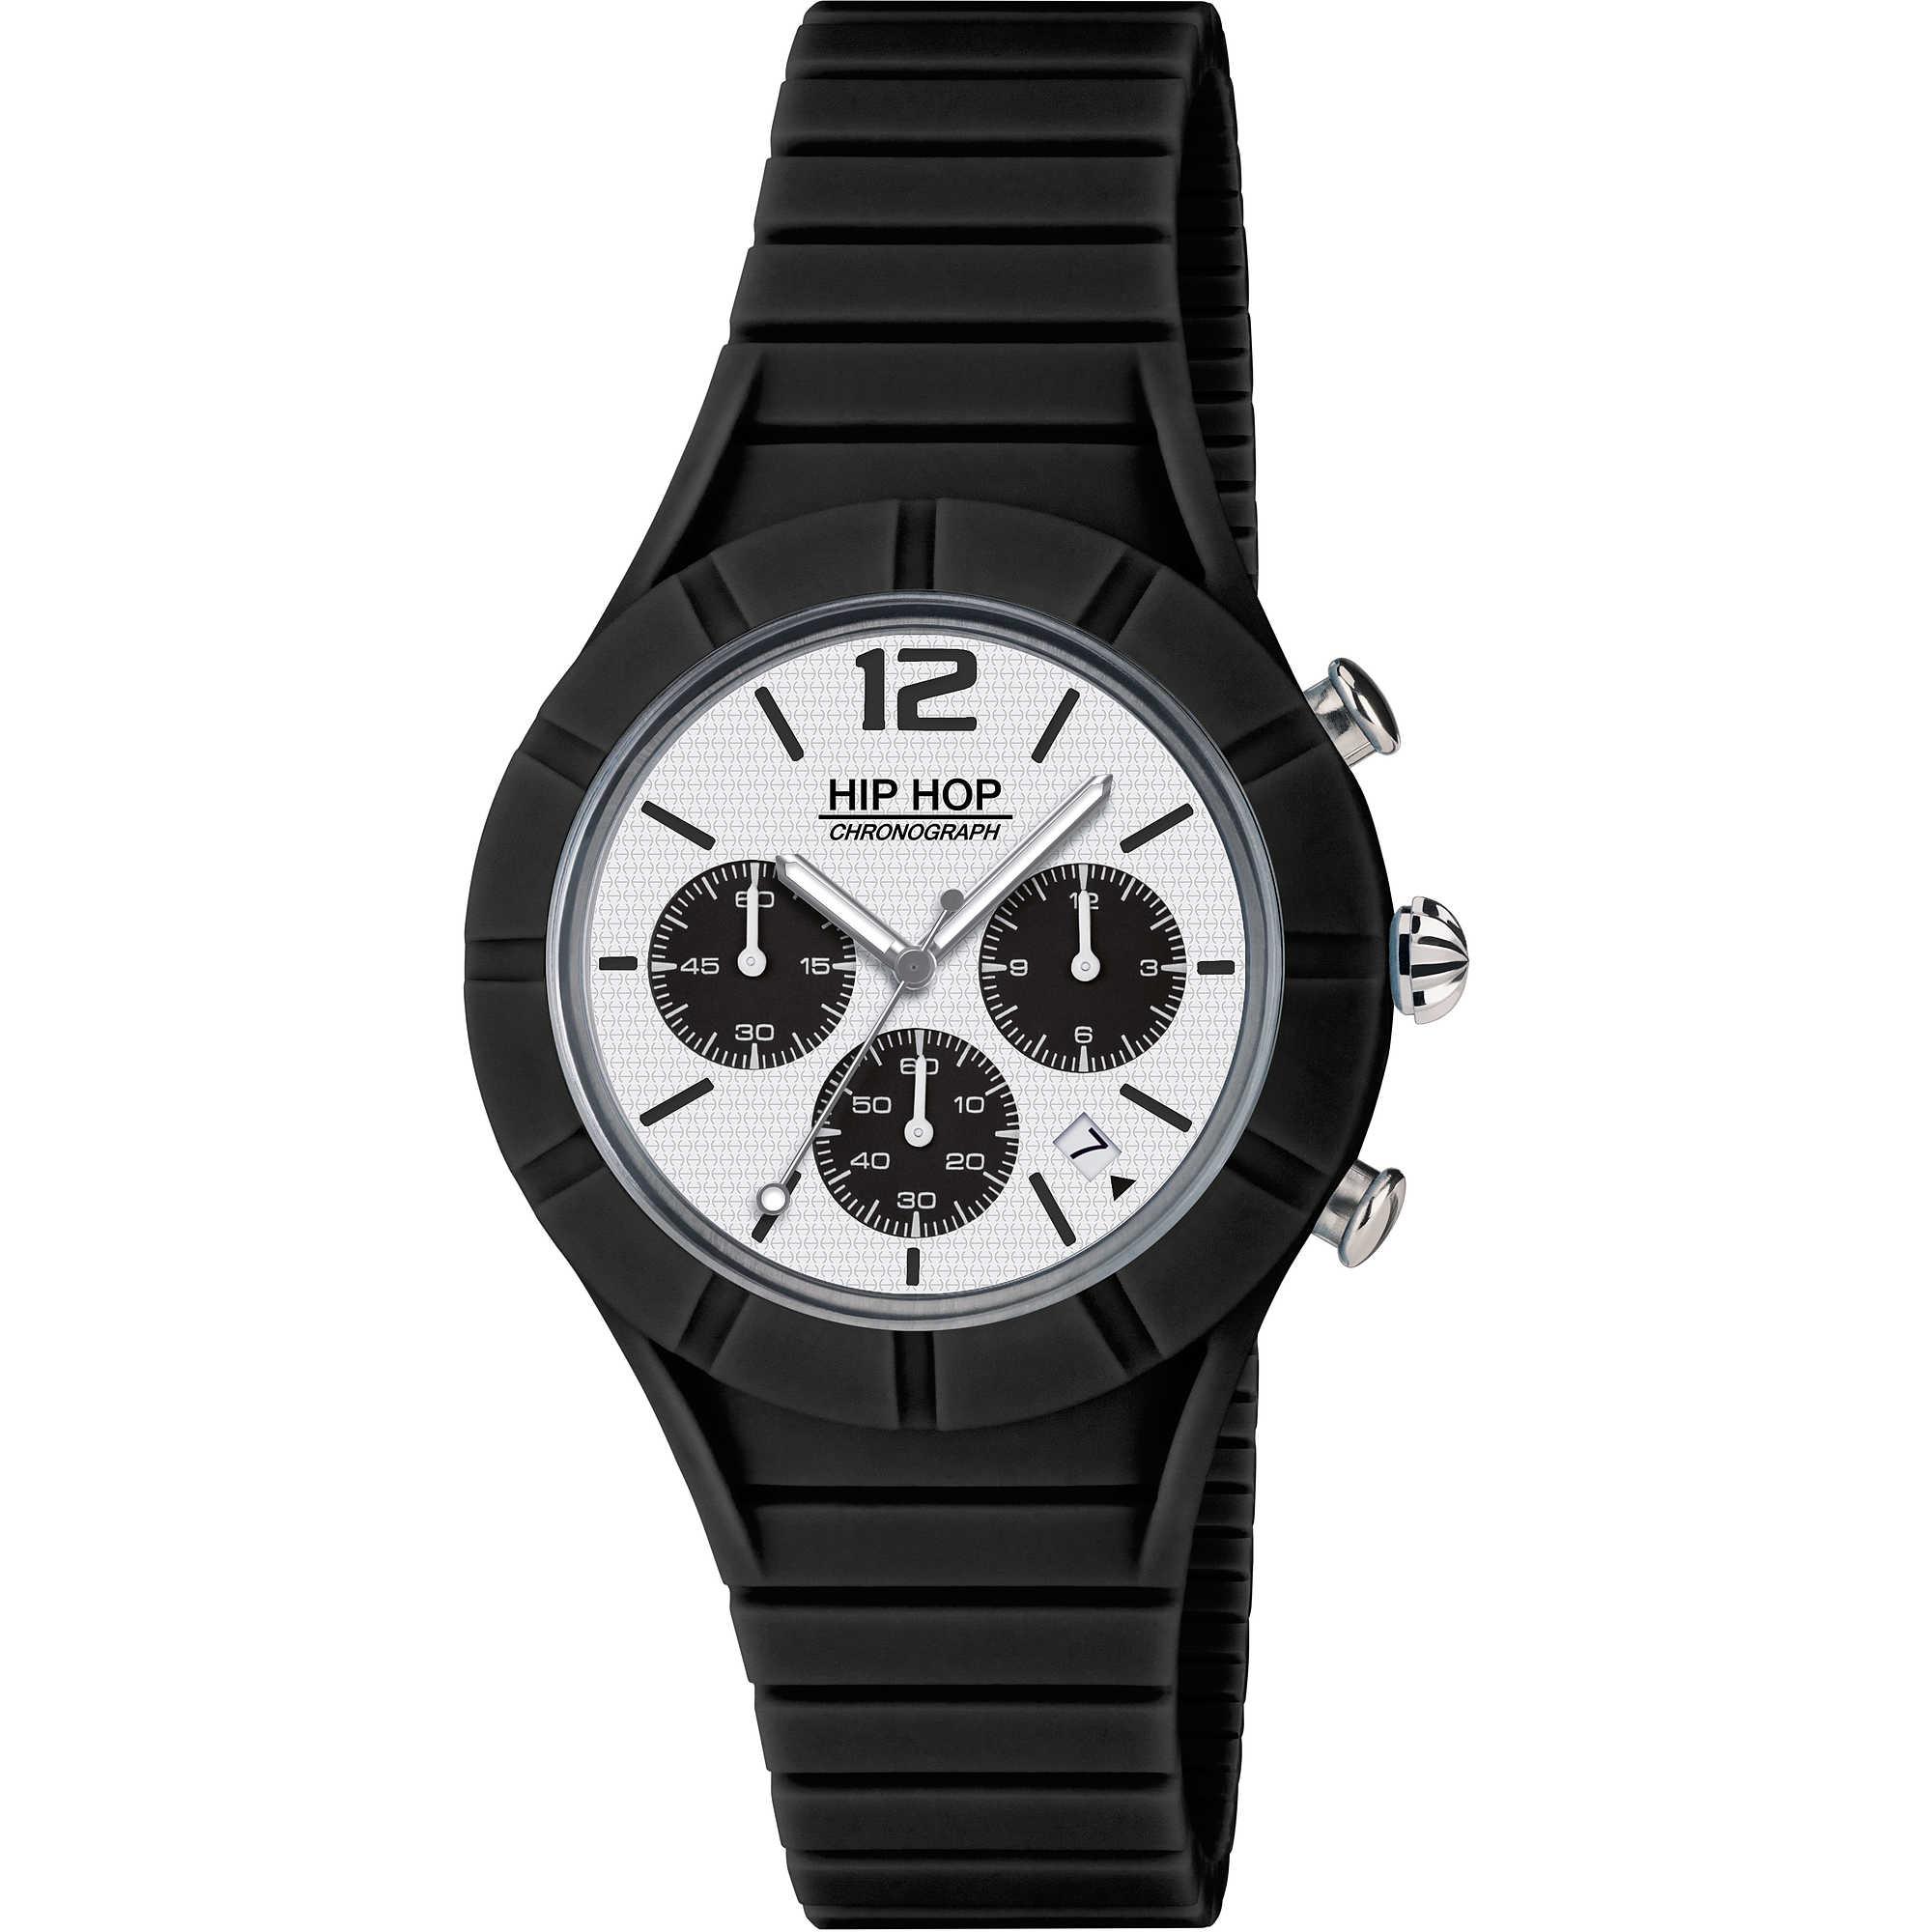 Orologio cronografo Hip Hop X Man blu HWU0656 - in offerta da ... 102cfd02afb